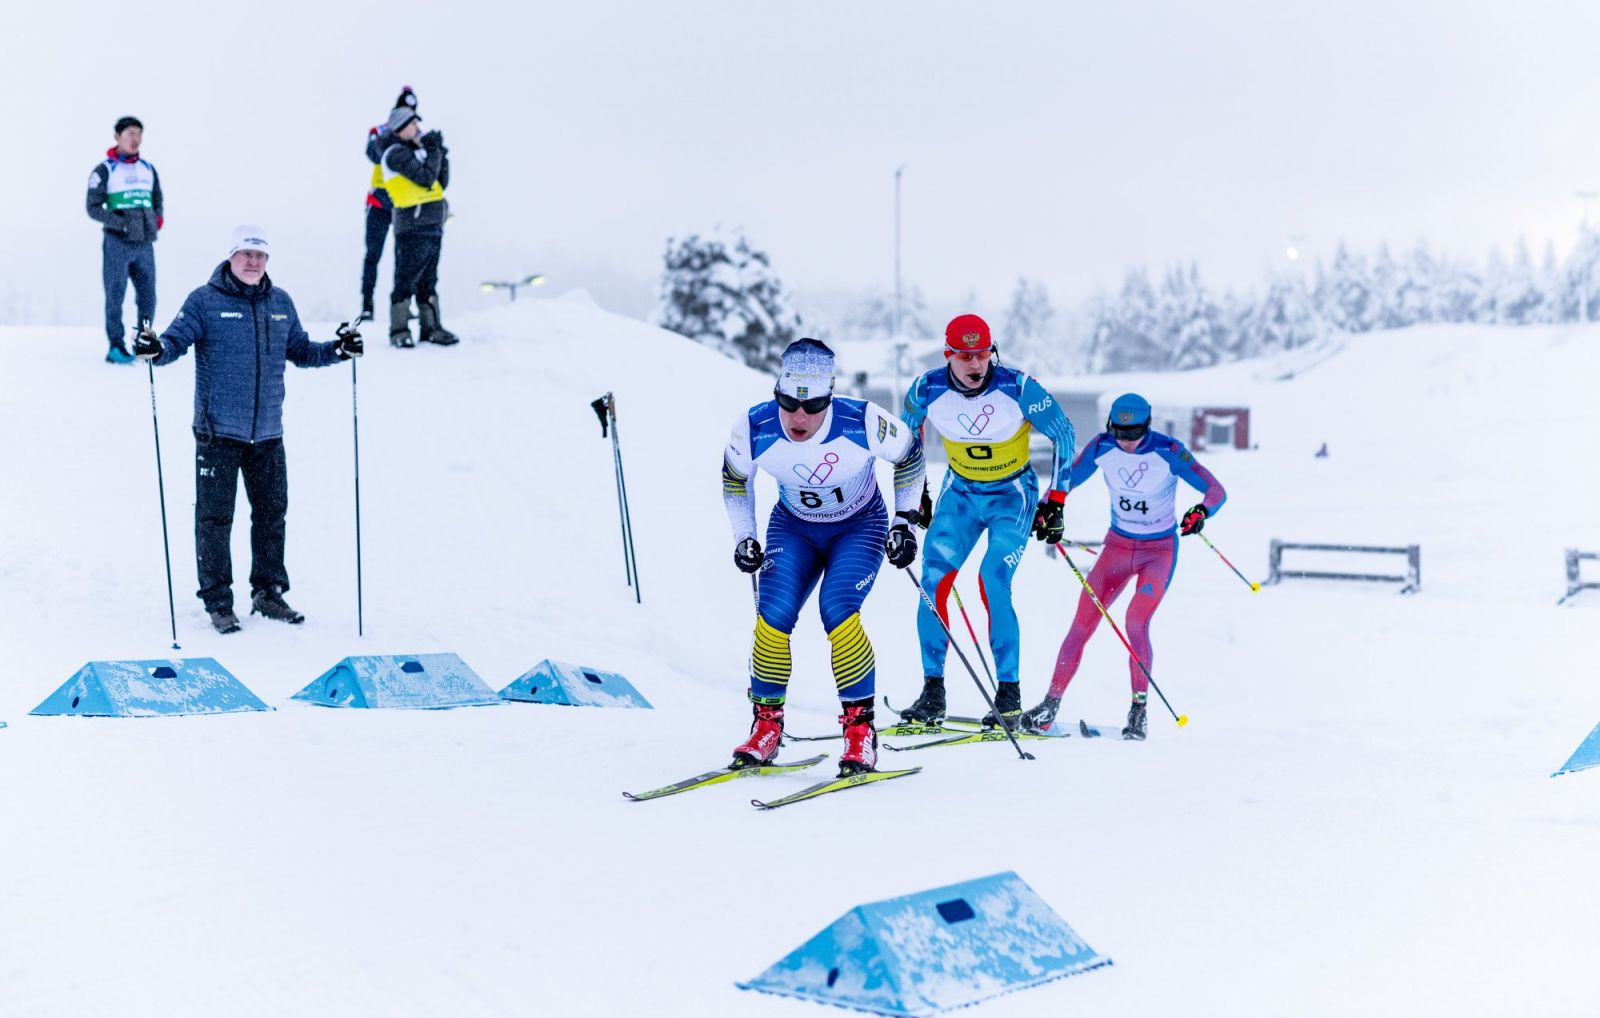 Сборная команда России завоевала 10 золотых и по 9 серебряных и бронзовых медалей за 4 дня первого этапа Кубка мира МПК по лыжным гонкам и биатлону